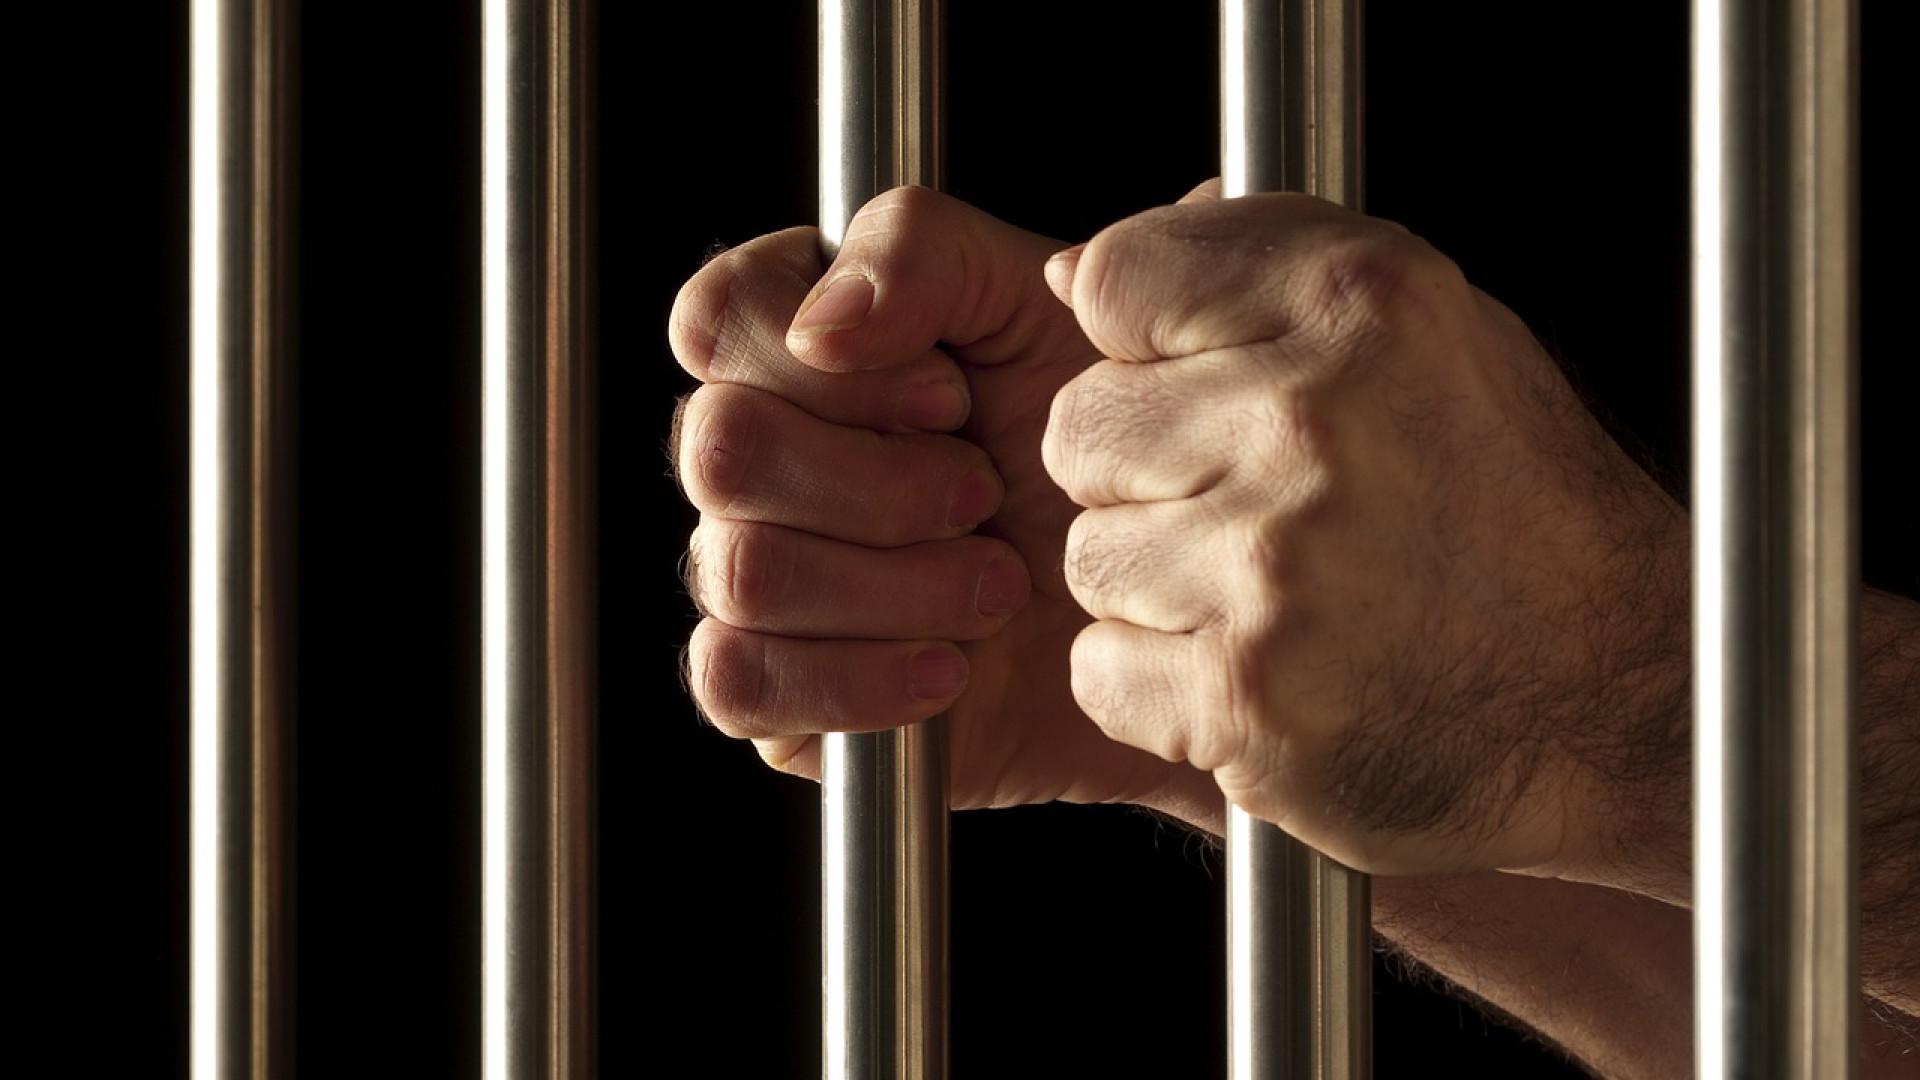 Quels sont les domaines d'intervention d'un avocat pénaliste ?